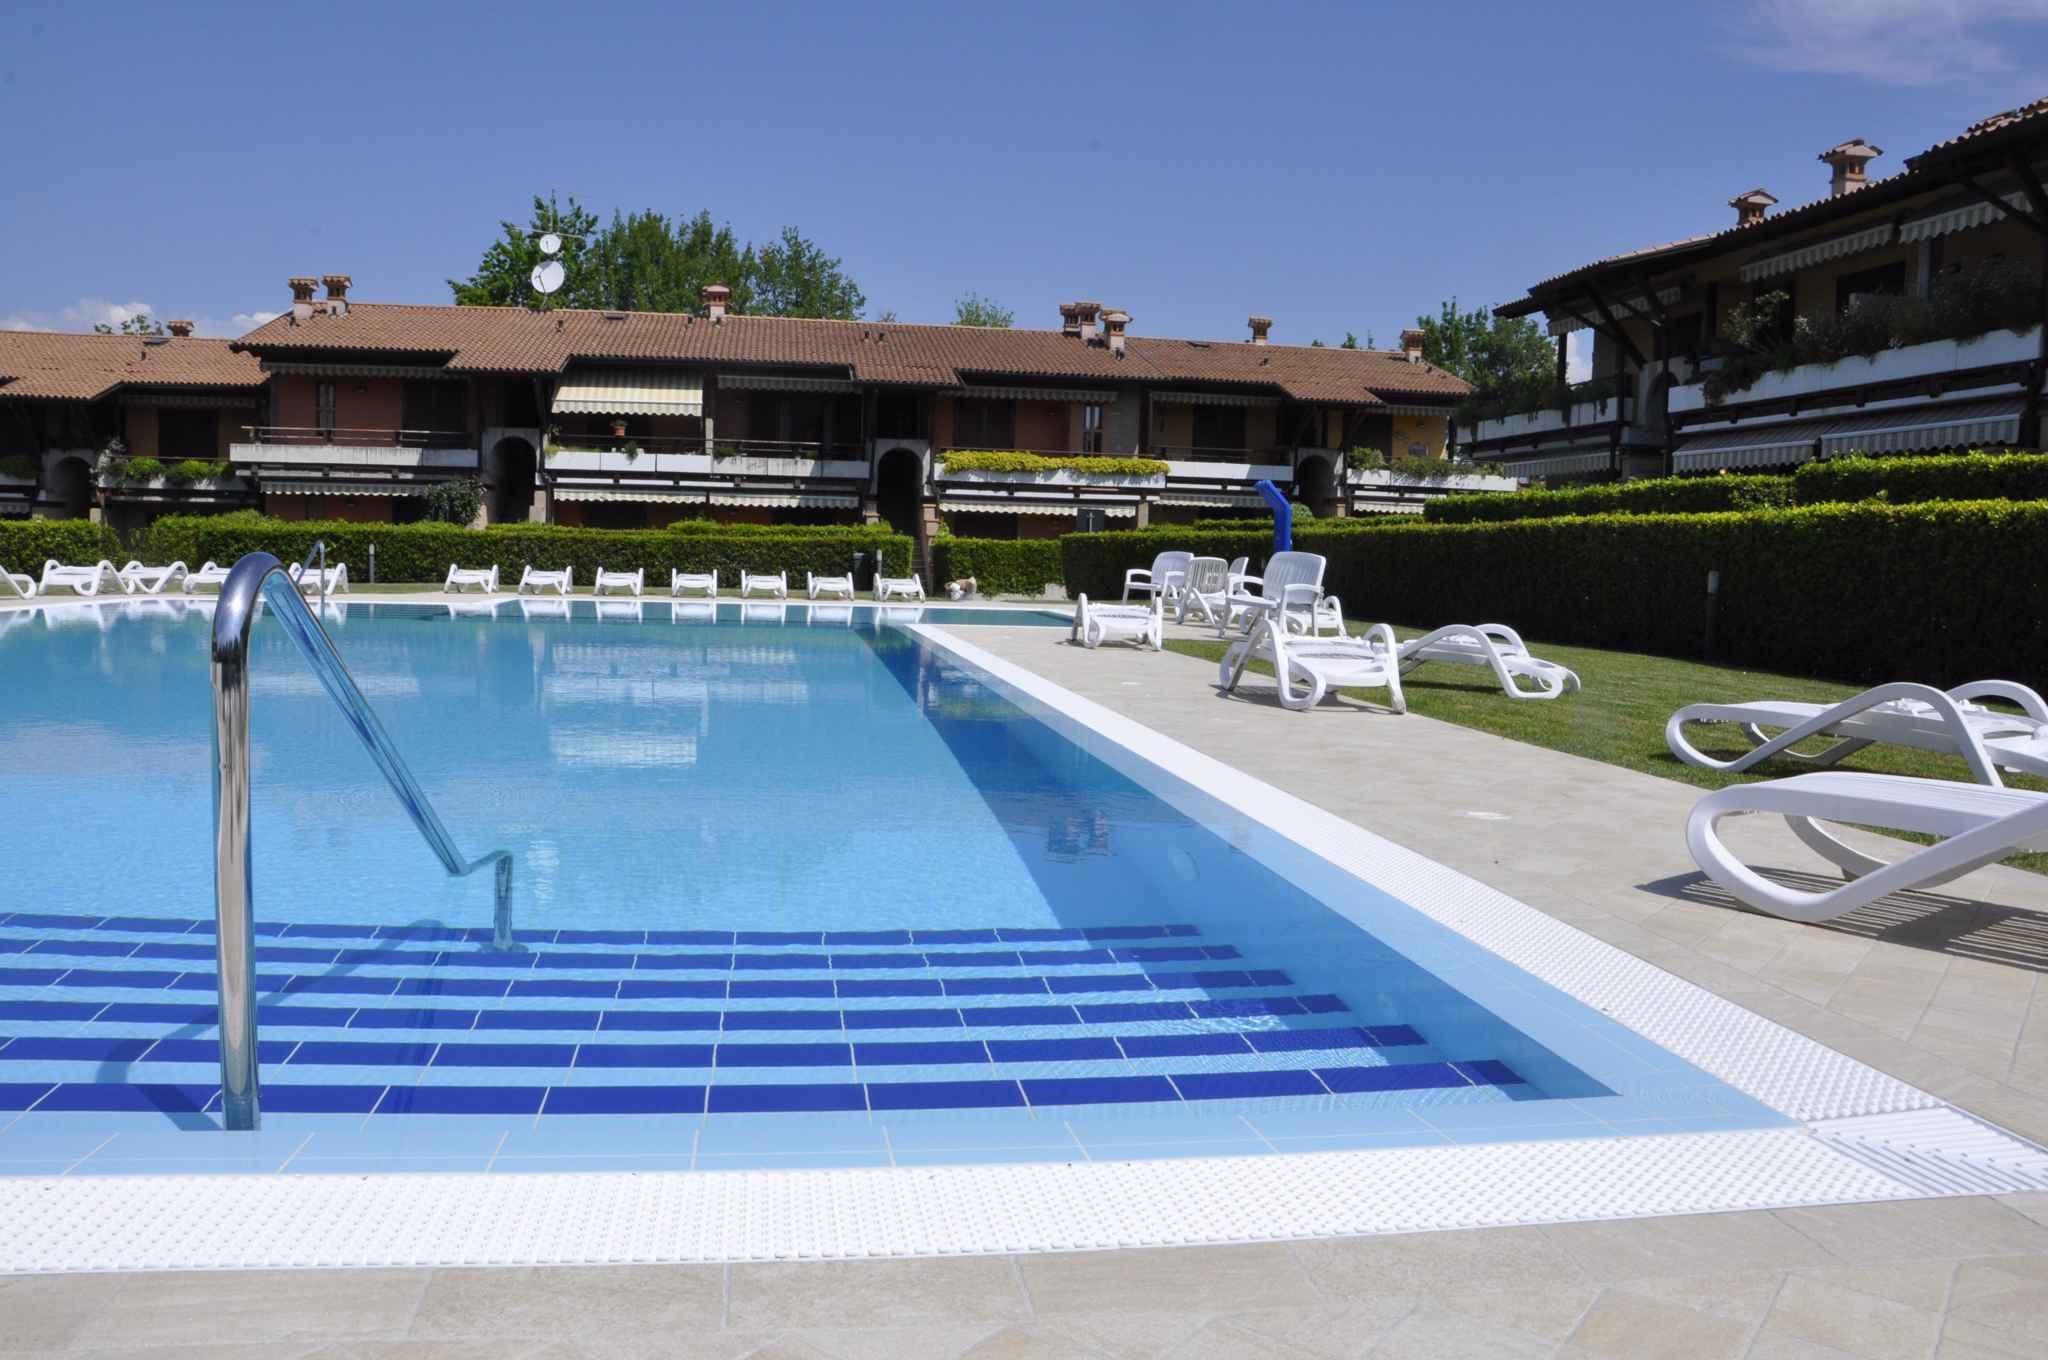 Ferienwohnung con piscina (279580), Lazise, Gardasee, Venetien, Italien, Bild 5